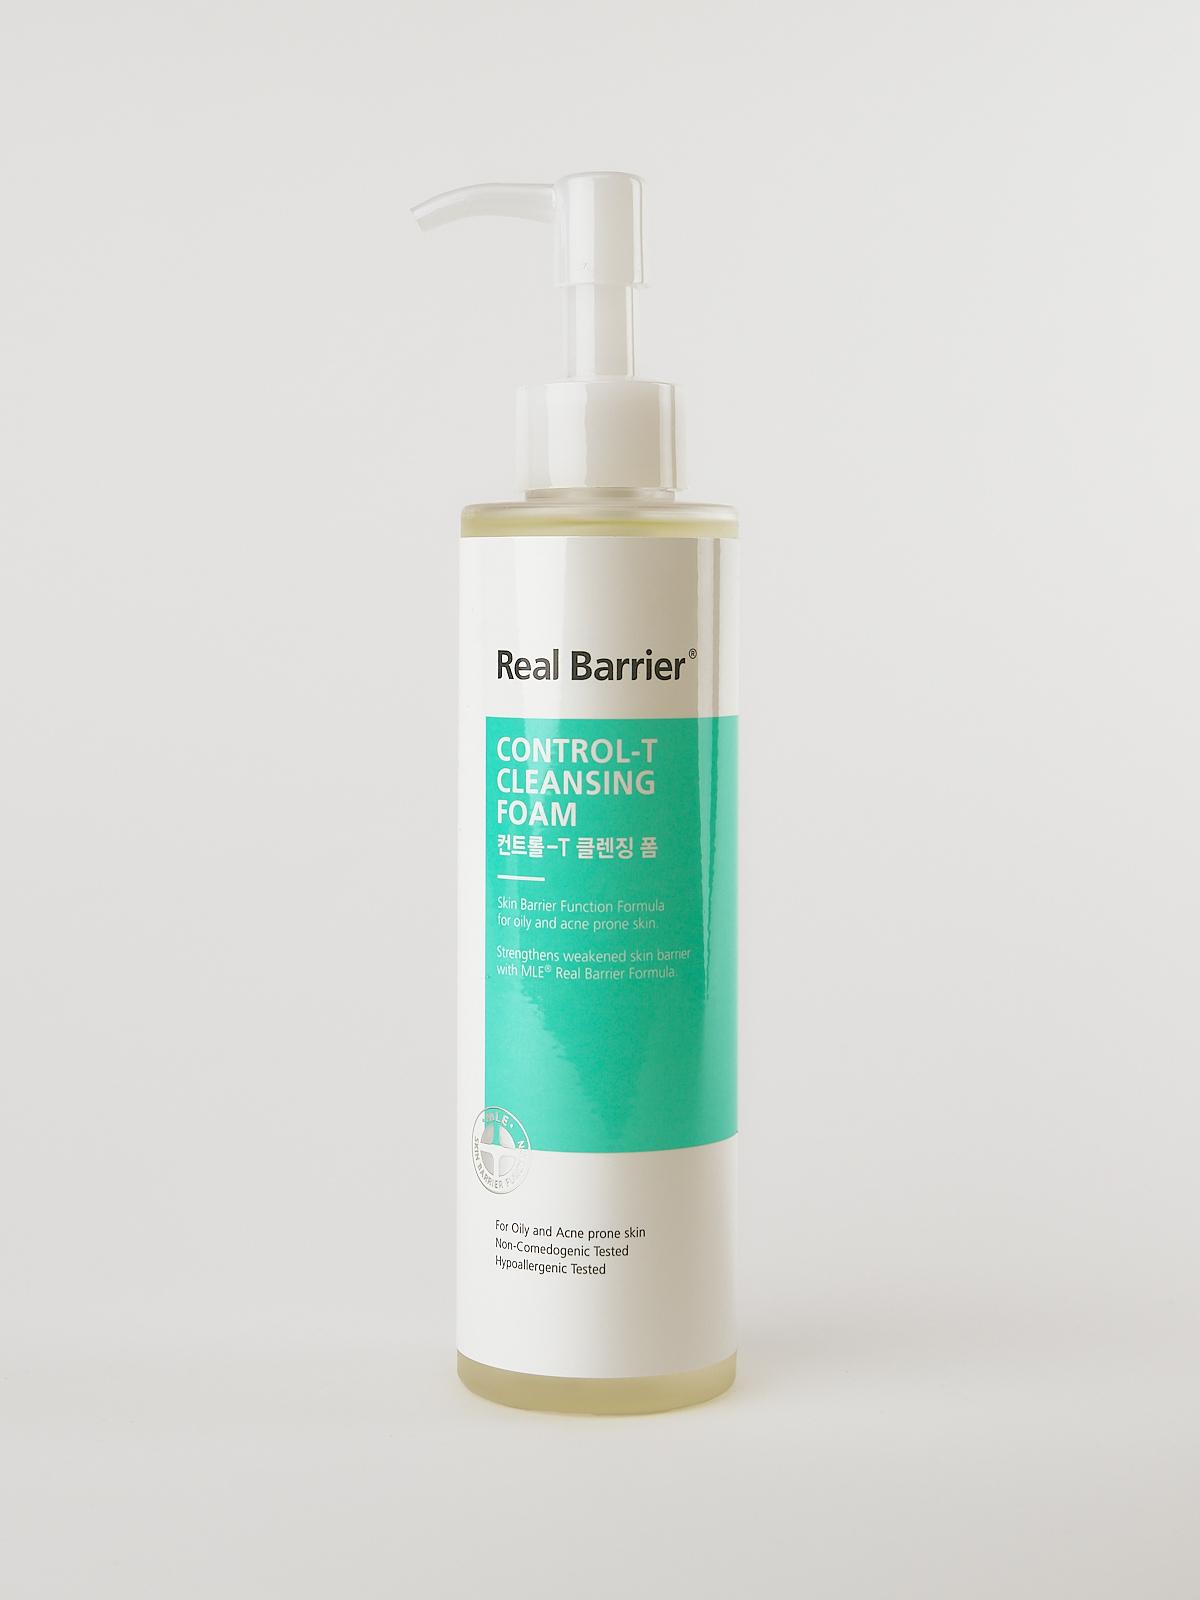 Real Barrier Control-T Cleansing Foam. Reinigungsschaum für fettige Haut im weiß türkisen Fläschchen mit Pumpfunktion.